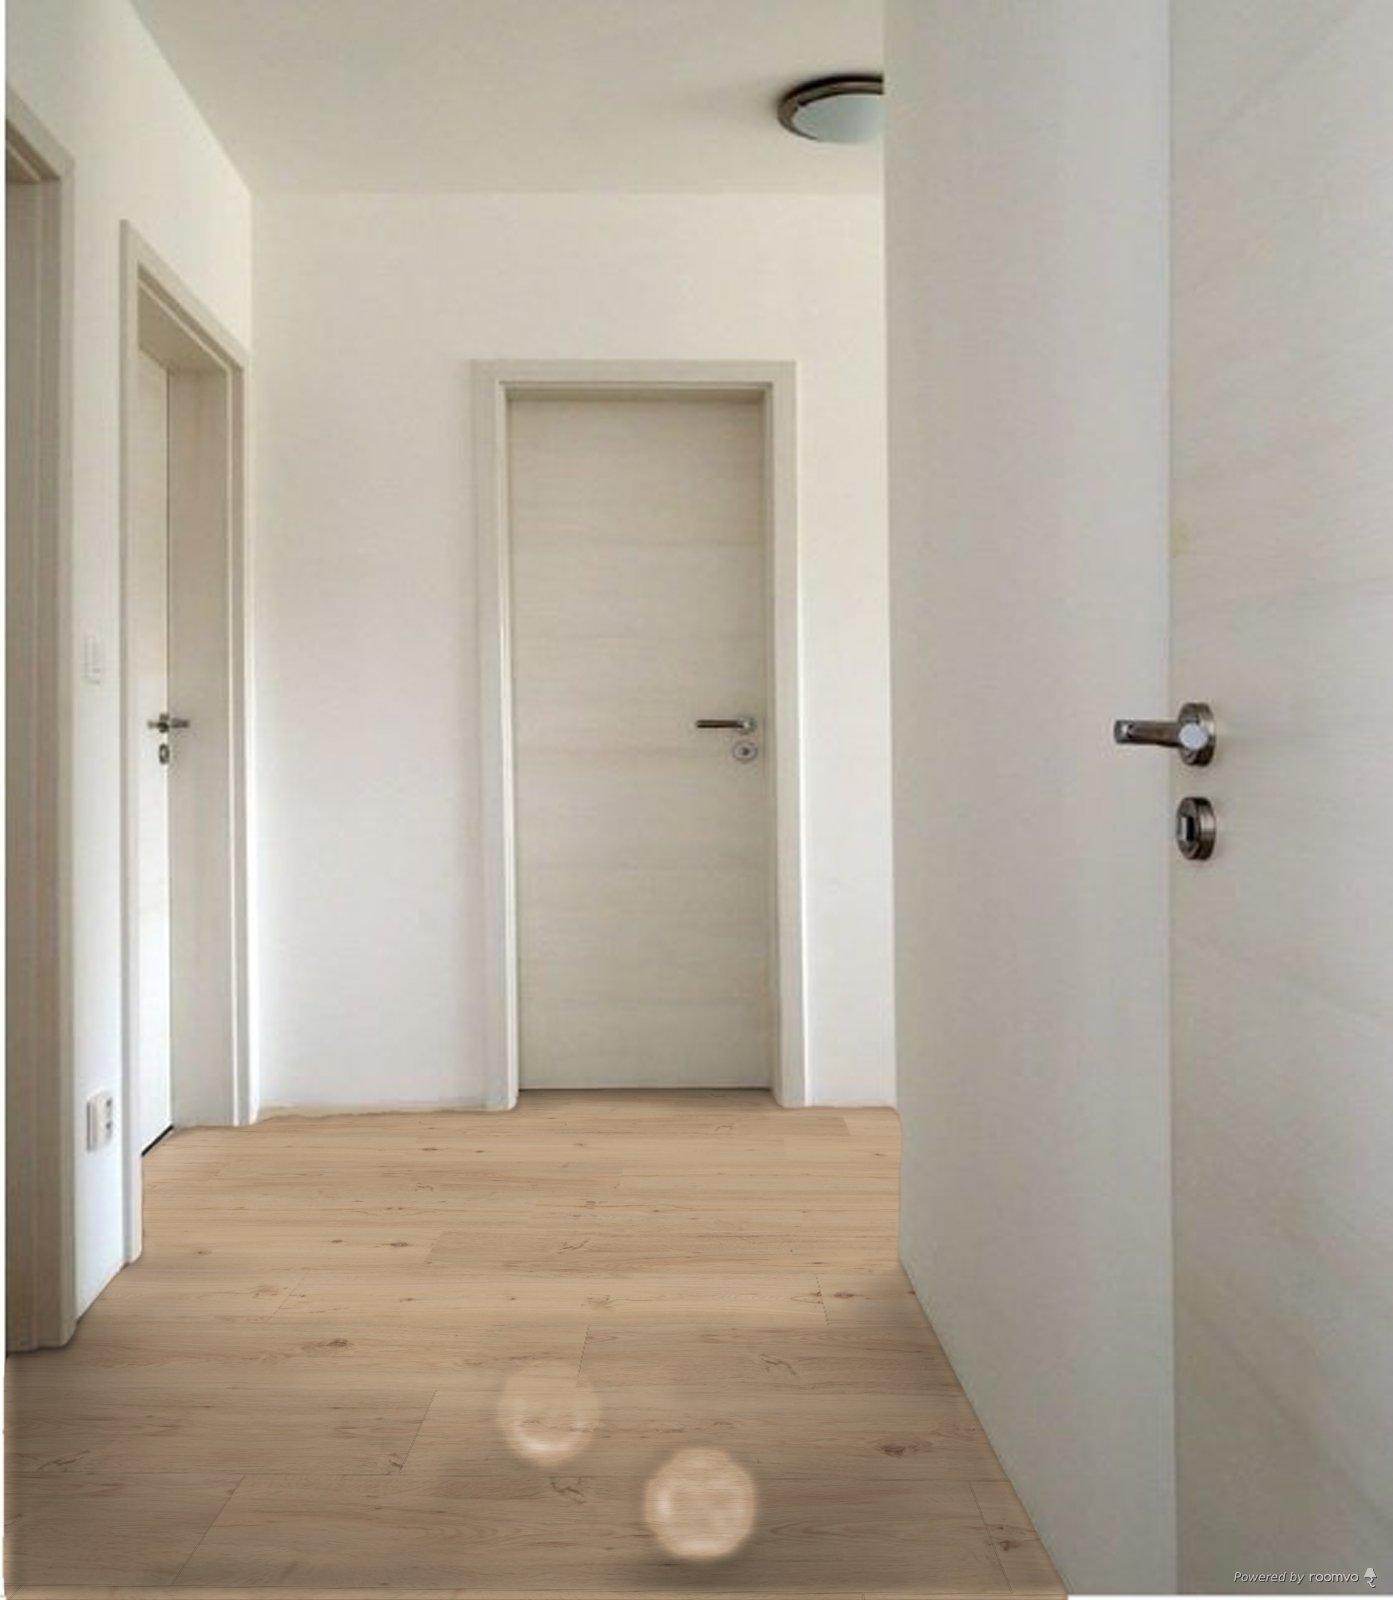 Co vyberem za dvere? - nase podlaha a PRUM touch white